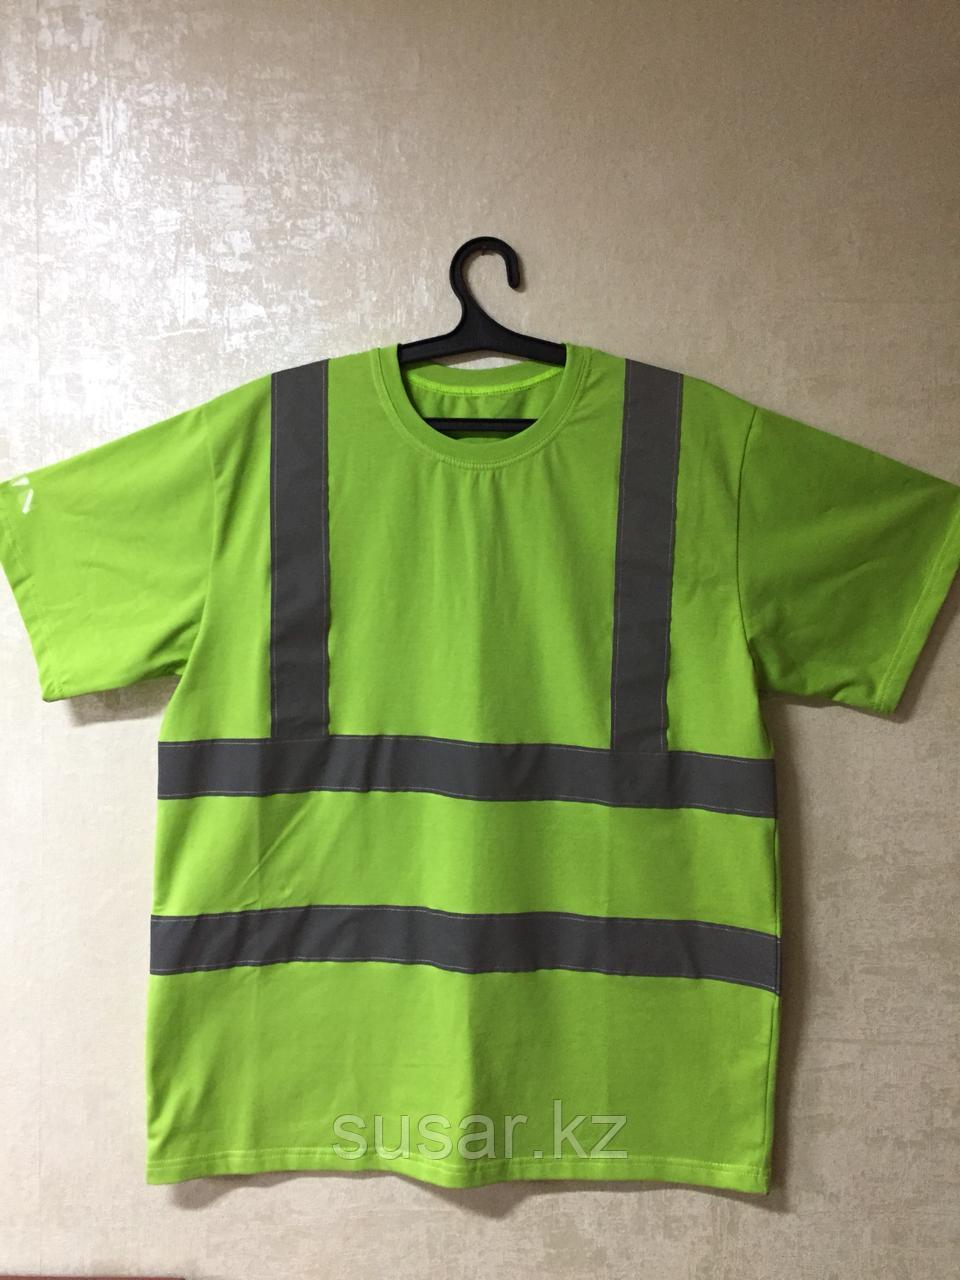 Лимонная ХБ футболка сигнальная с СОП